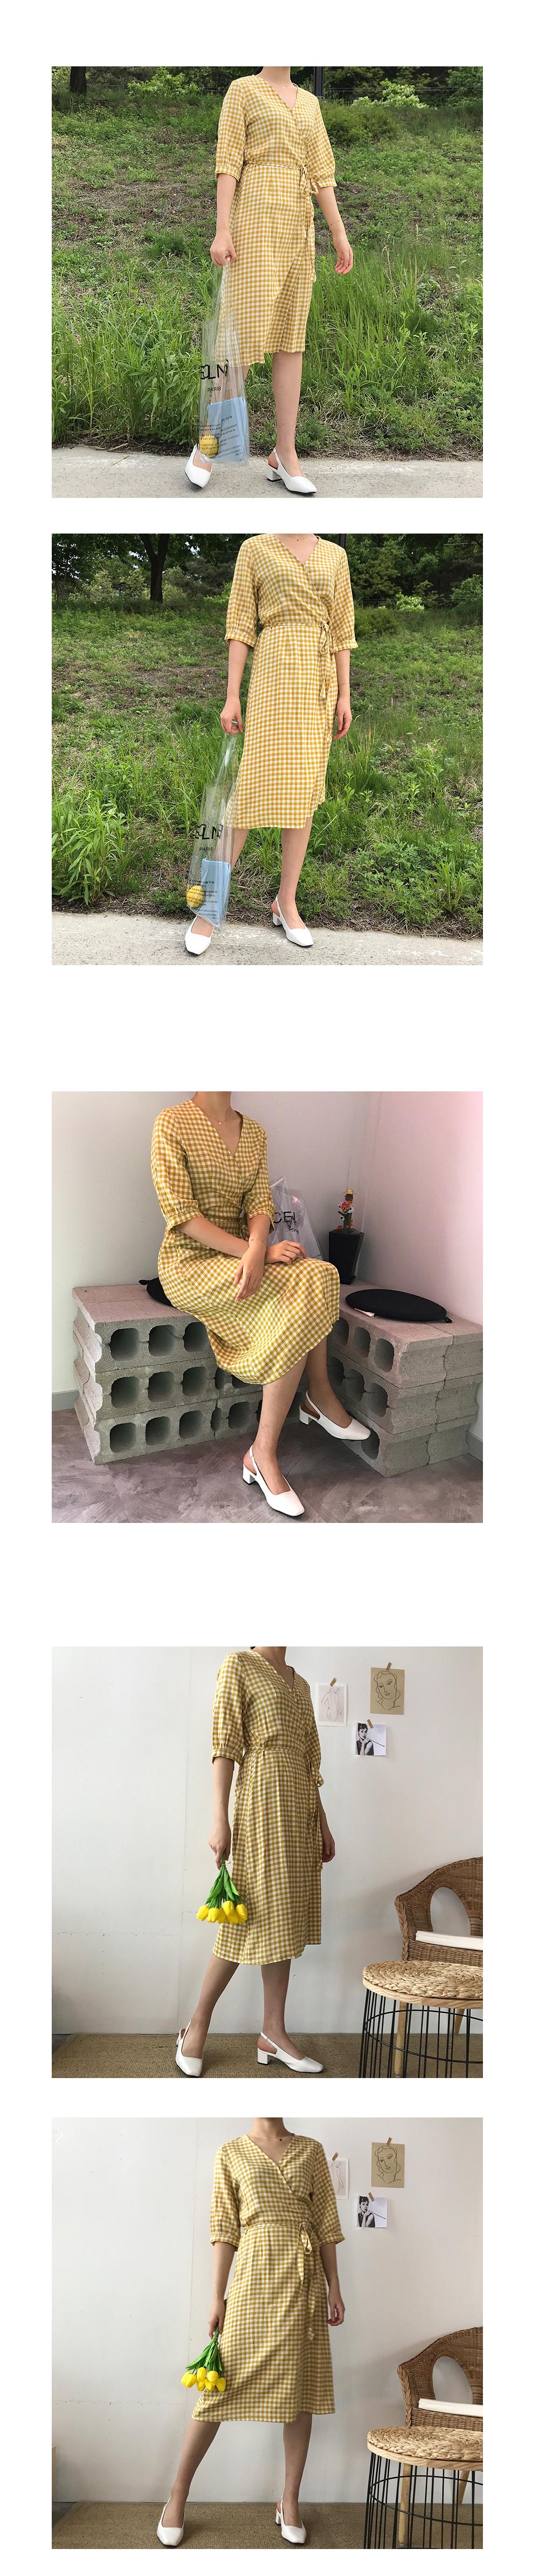 Lemon Checked Wrap Dress - 2color